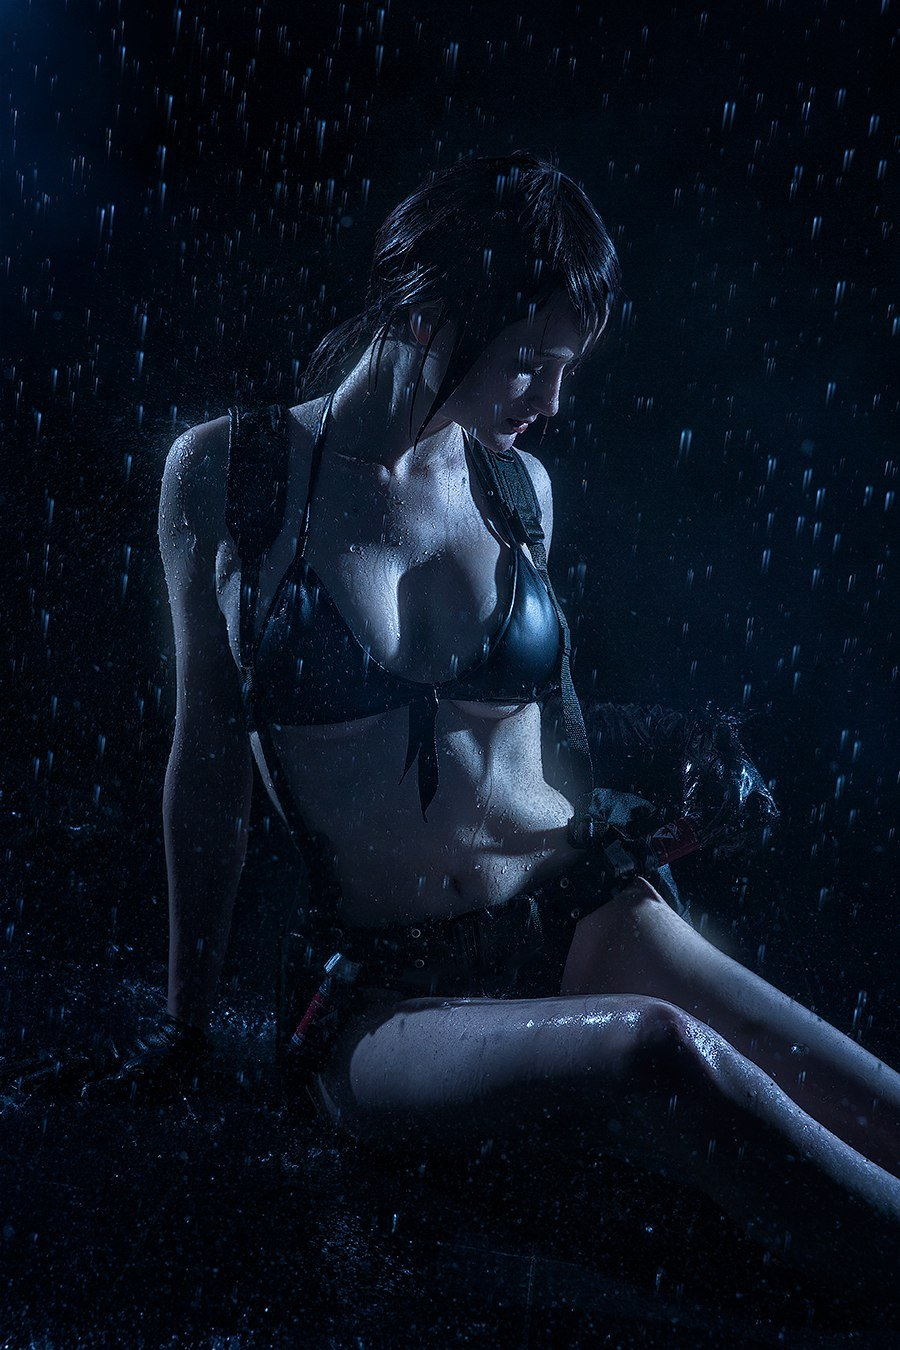 Мокренький косплей Молчуньи  - Изображение 5